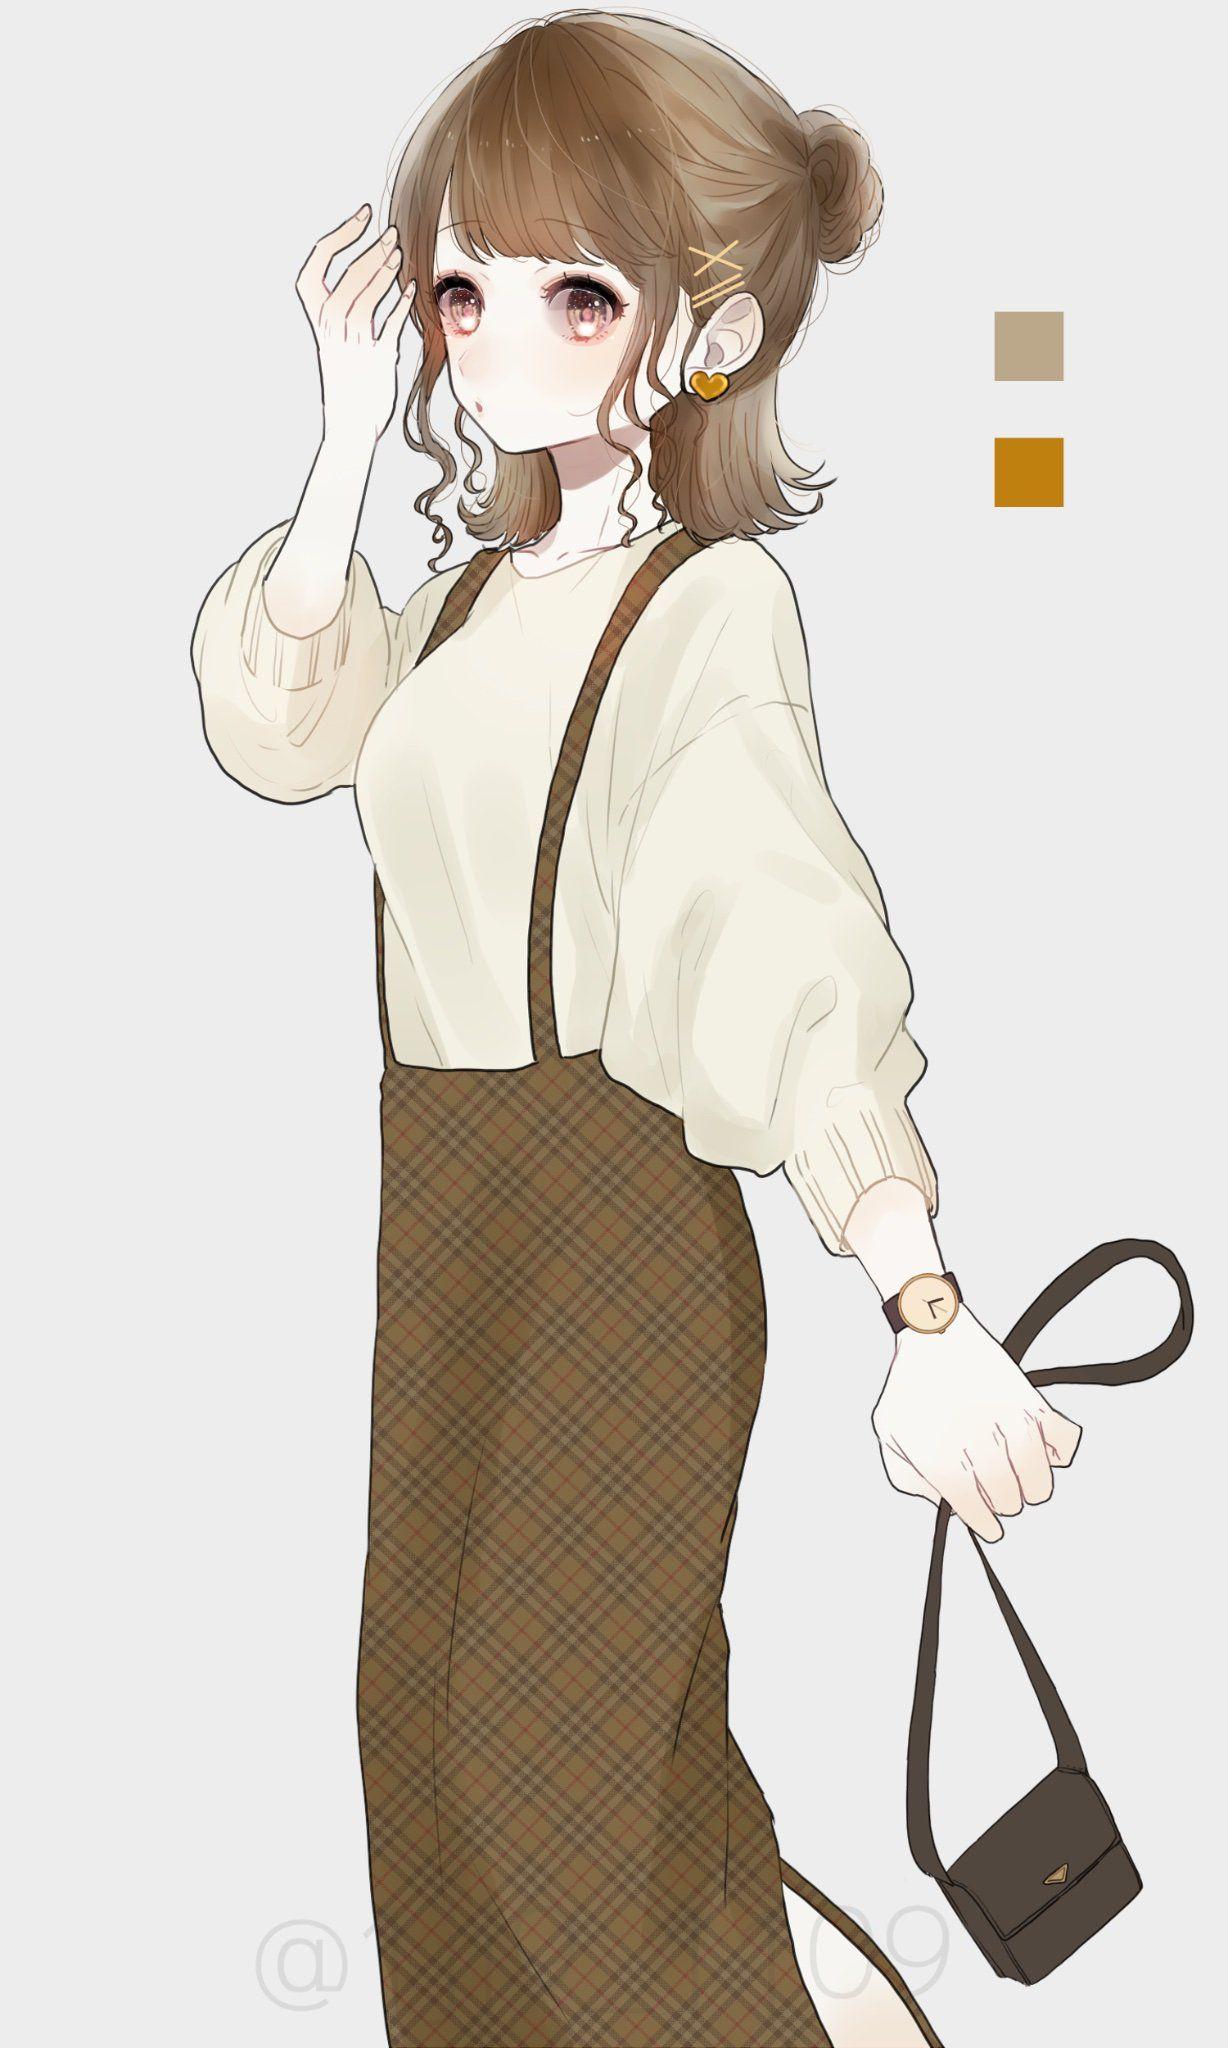 女の子 現代 おしゃれまとめの人気アイデア pinterest catherine sacay 漫画ガール 芸術的アニメ少女 かわいい 女の子 イラスト